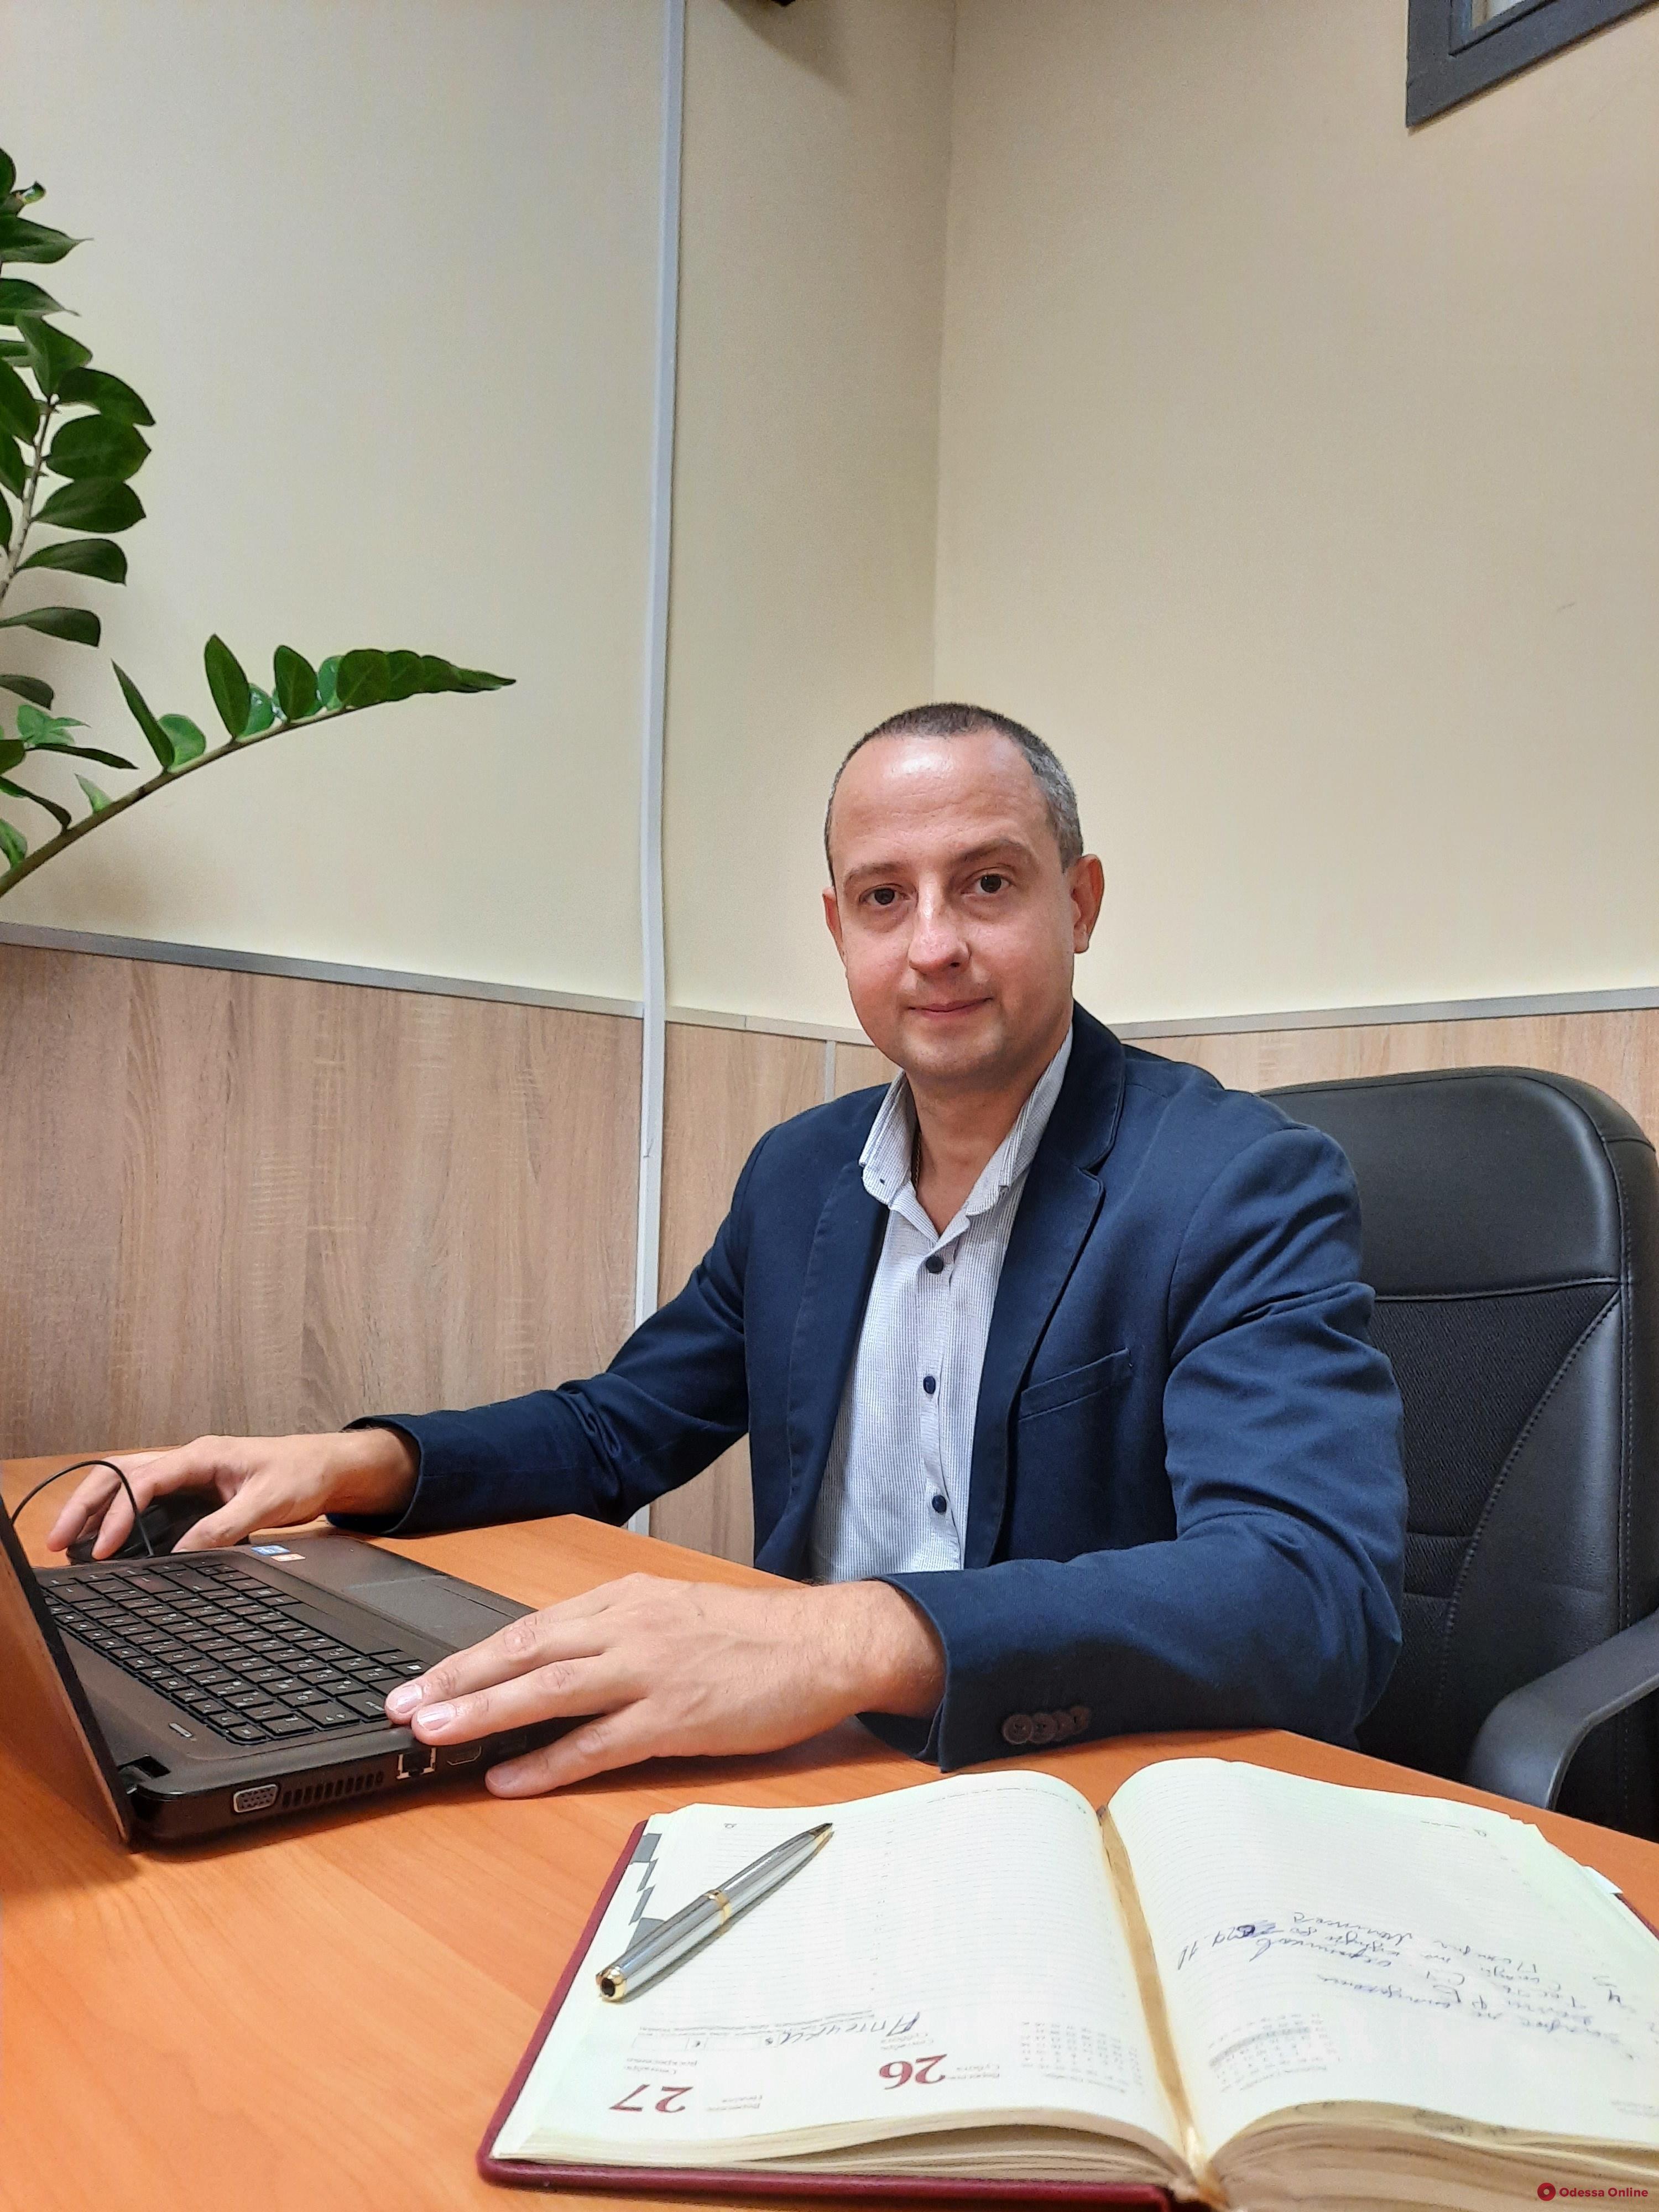 Управляющий сетью магазинов «АТБ» в Одесском регионе рассказал о секретах успеха и условиях работы во время карантина